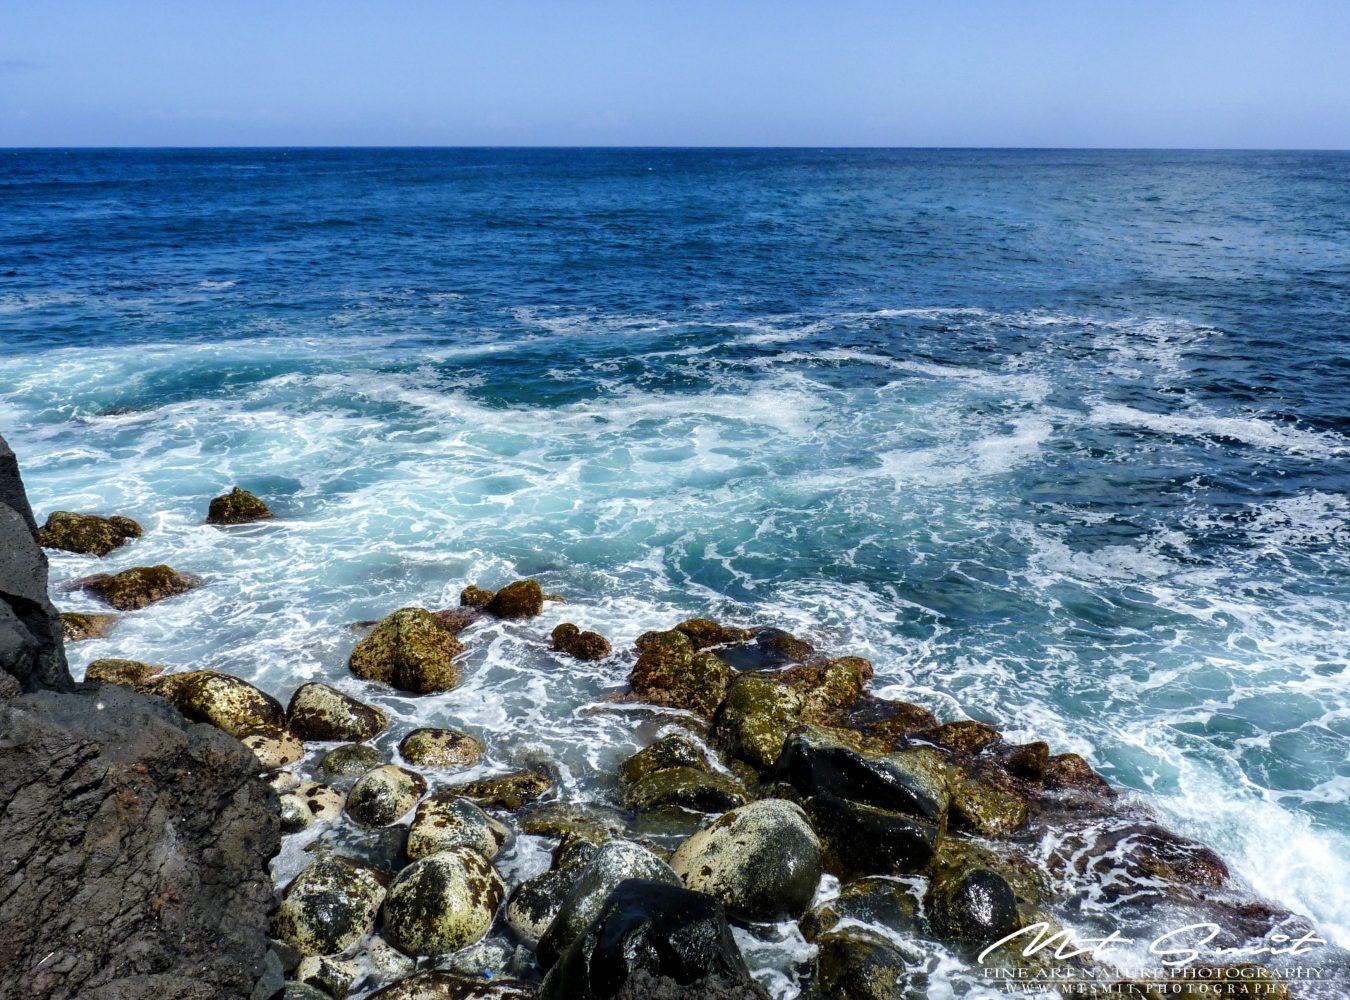 ROCKS TAKEN BY THE SEA